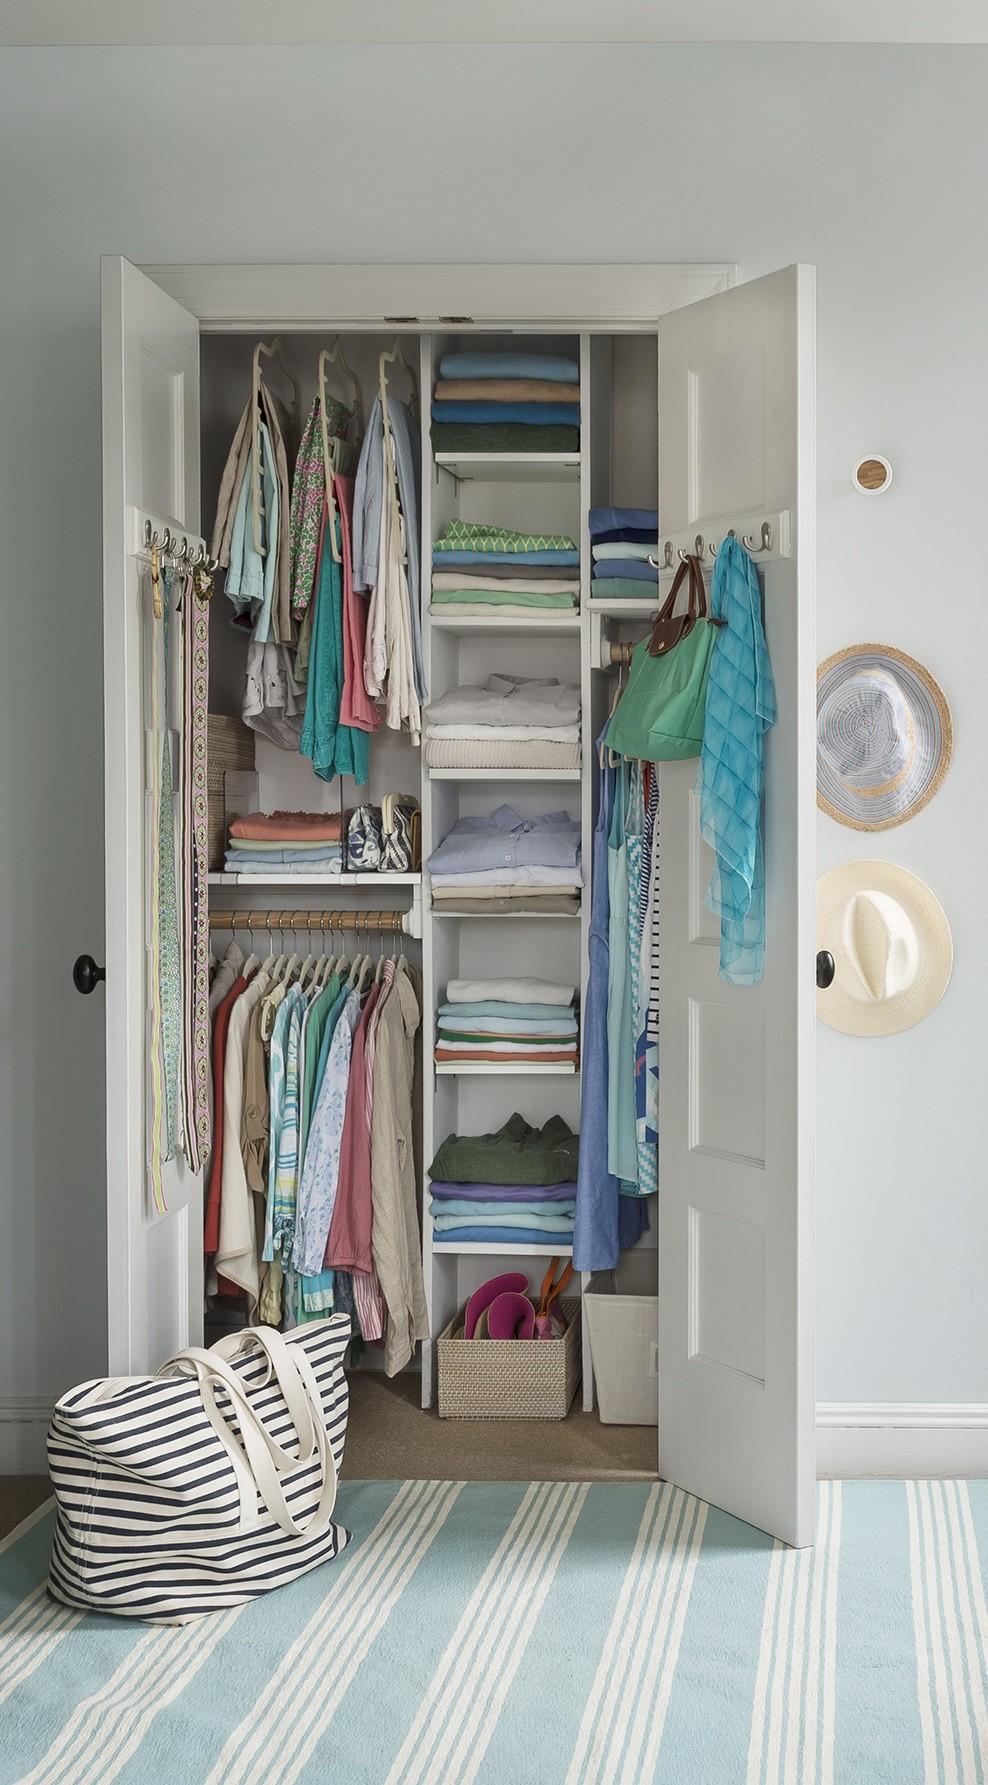 أفكار لتقسيم خزانة الملابس من الداخل- ترتيب الملابس حسب الأولويات